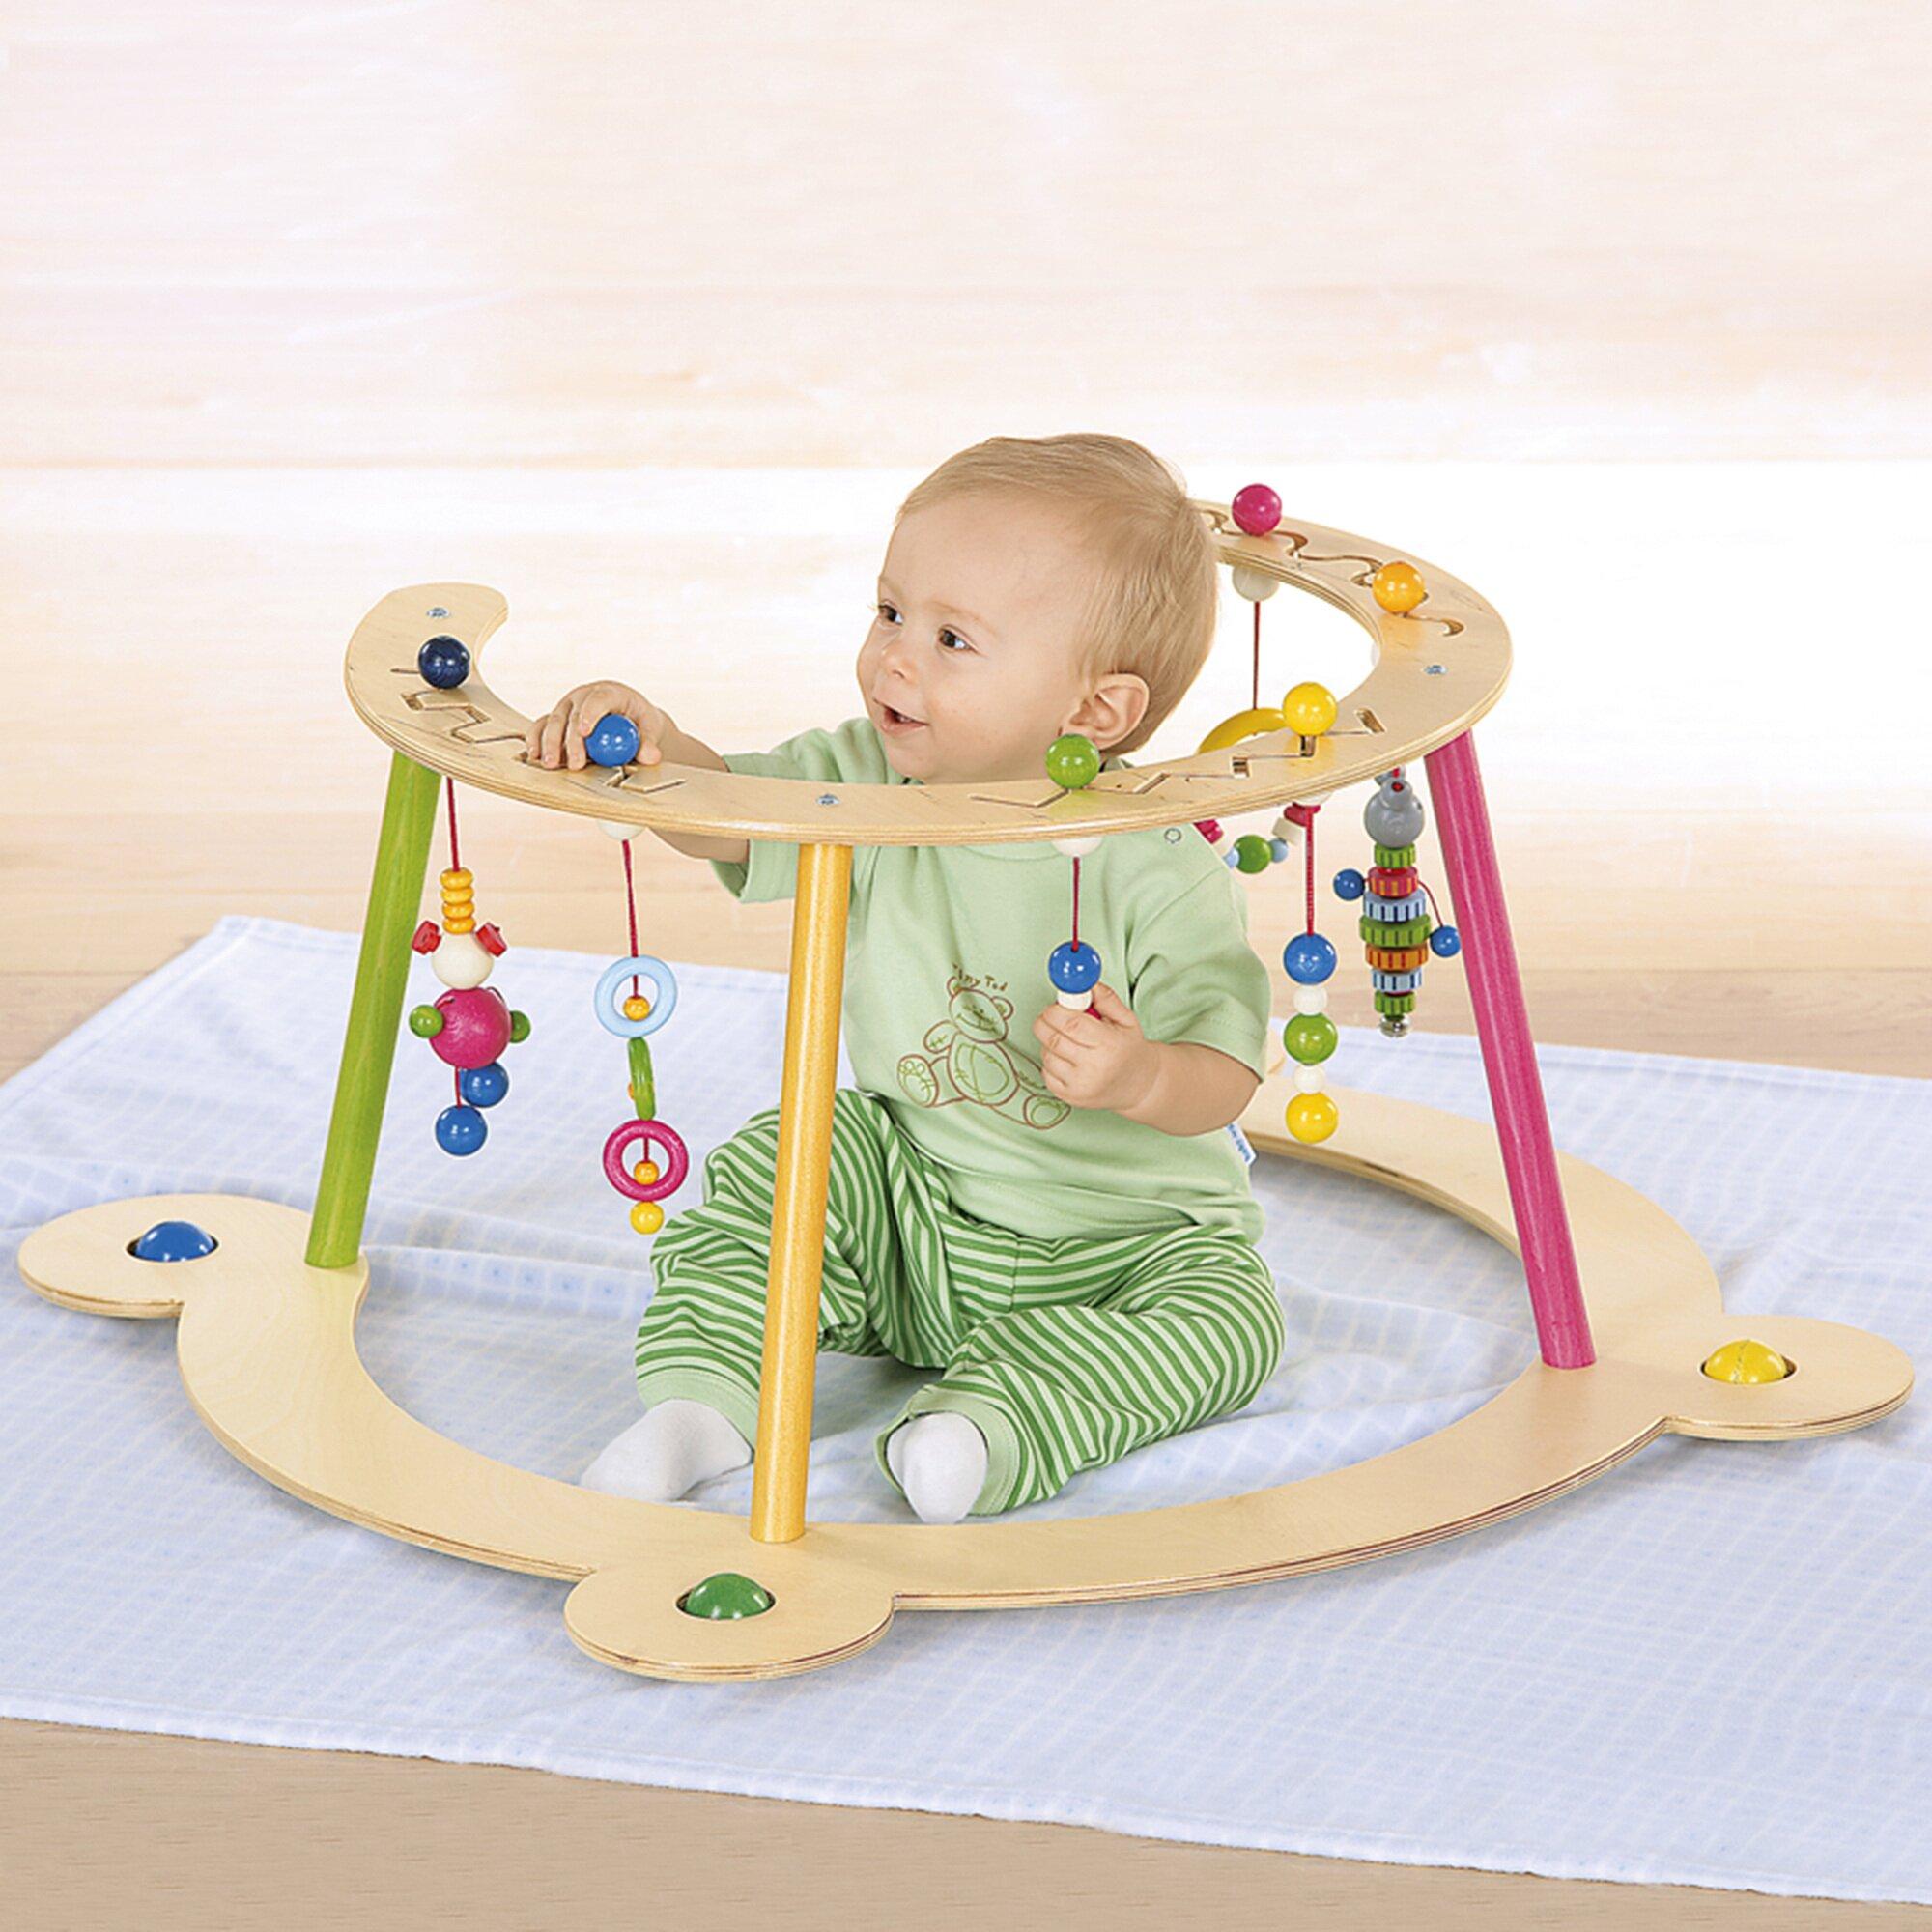 hess-spielzeug-baby-spiel-und-lauflerngerat